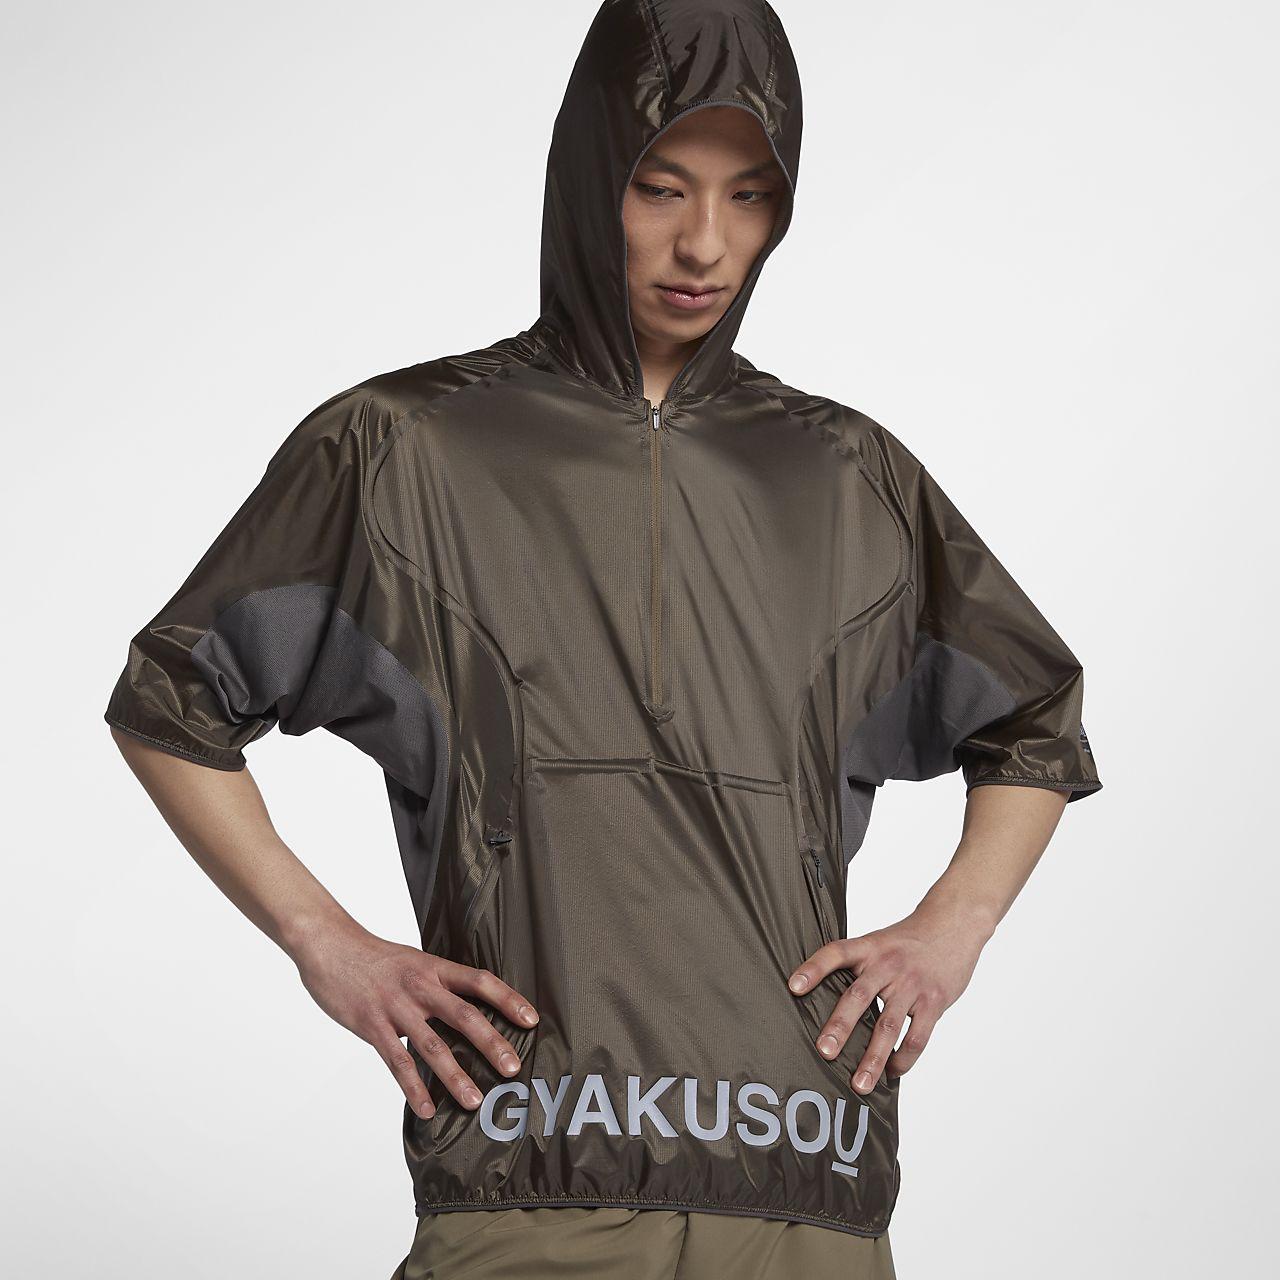 37725c77bdae NikeLab Gyakusou Men s Short-Sleeve Jacket. Nike.com SG